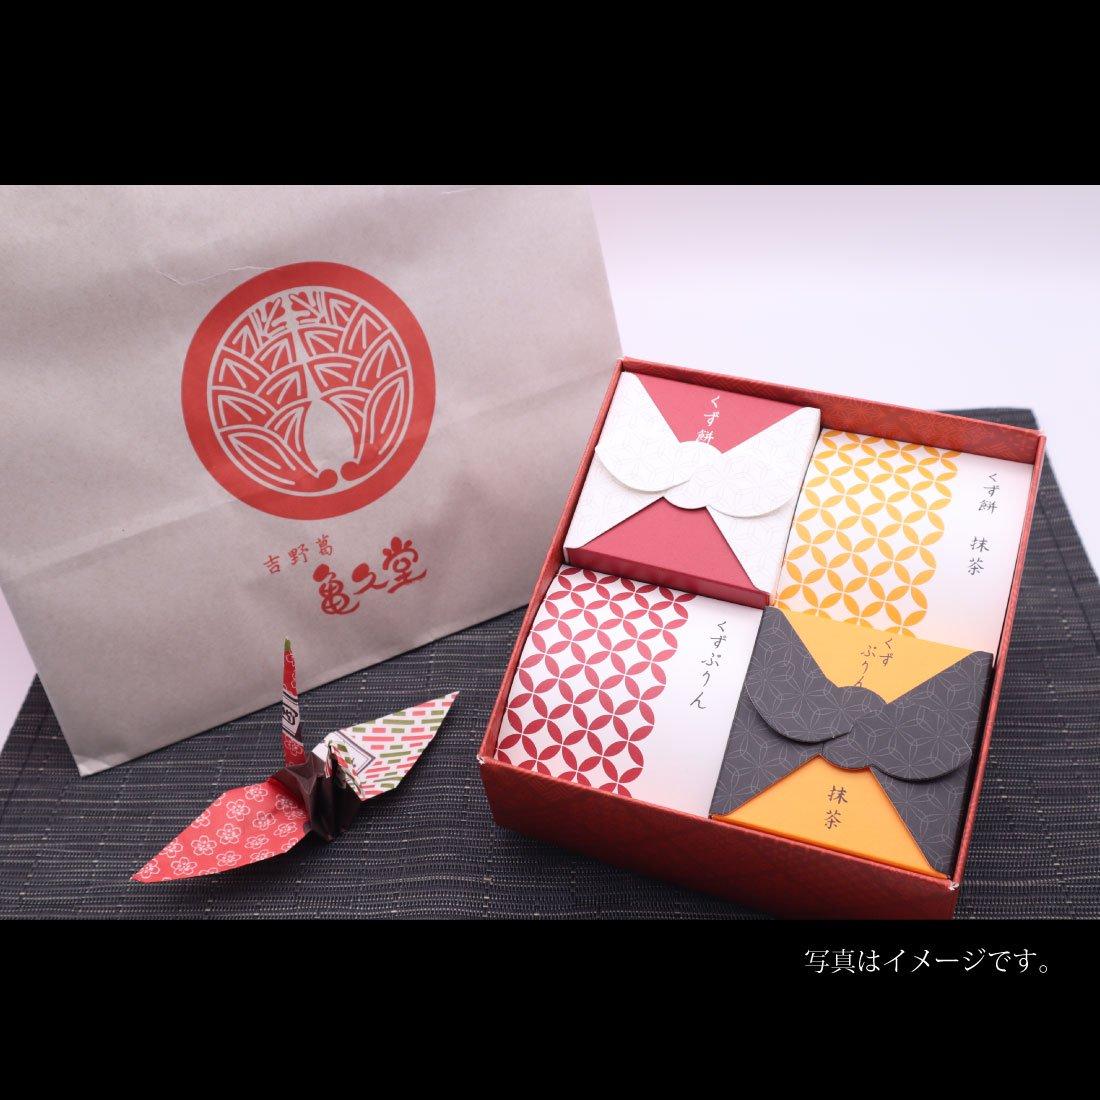 亀久堂・吉野葛すいーつ(くず餅・くずぷりん)詰め合わせ1段